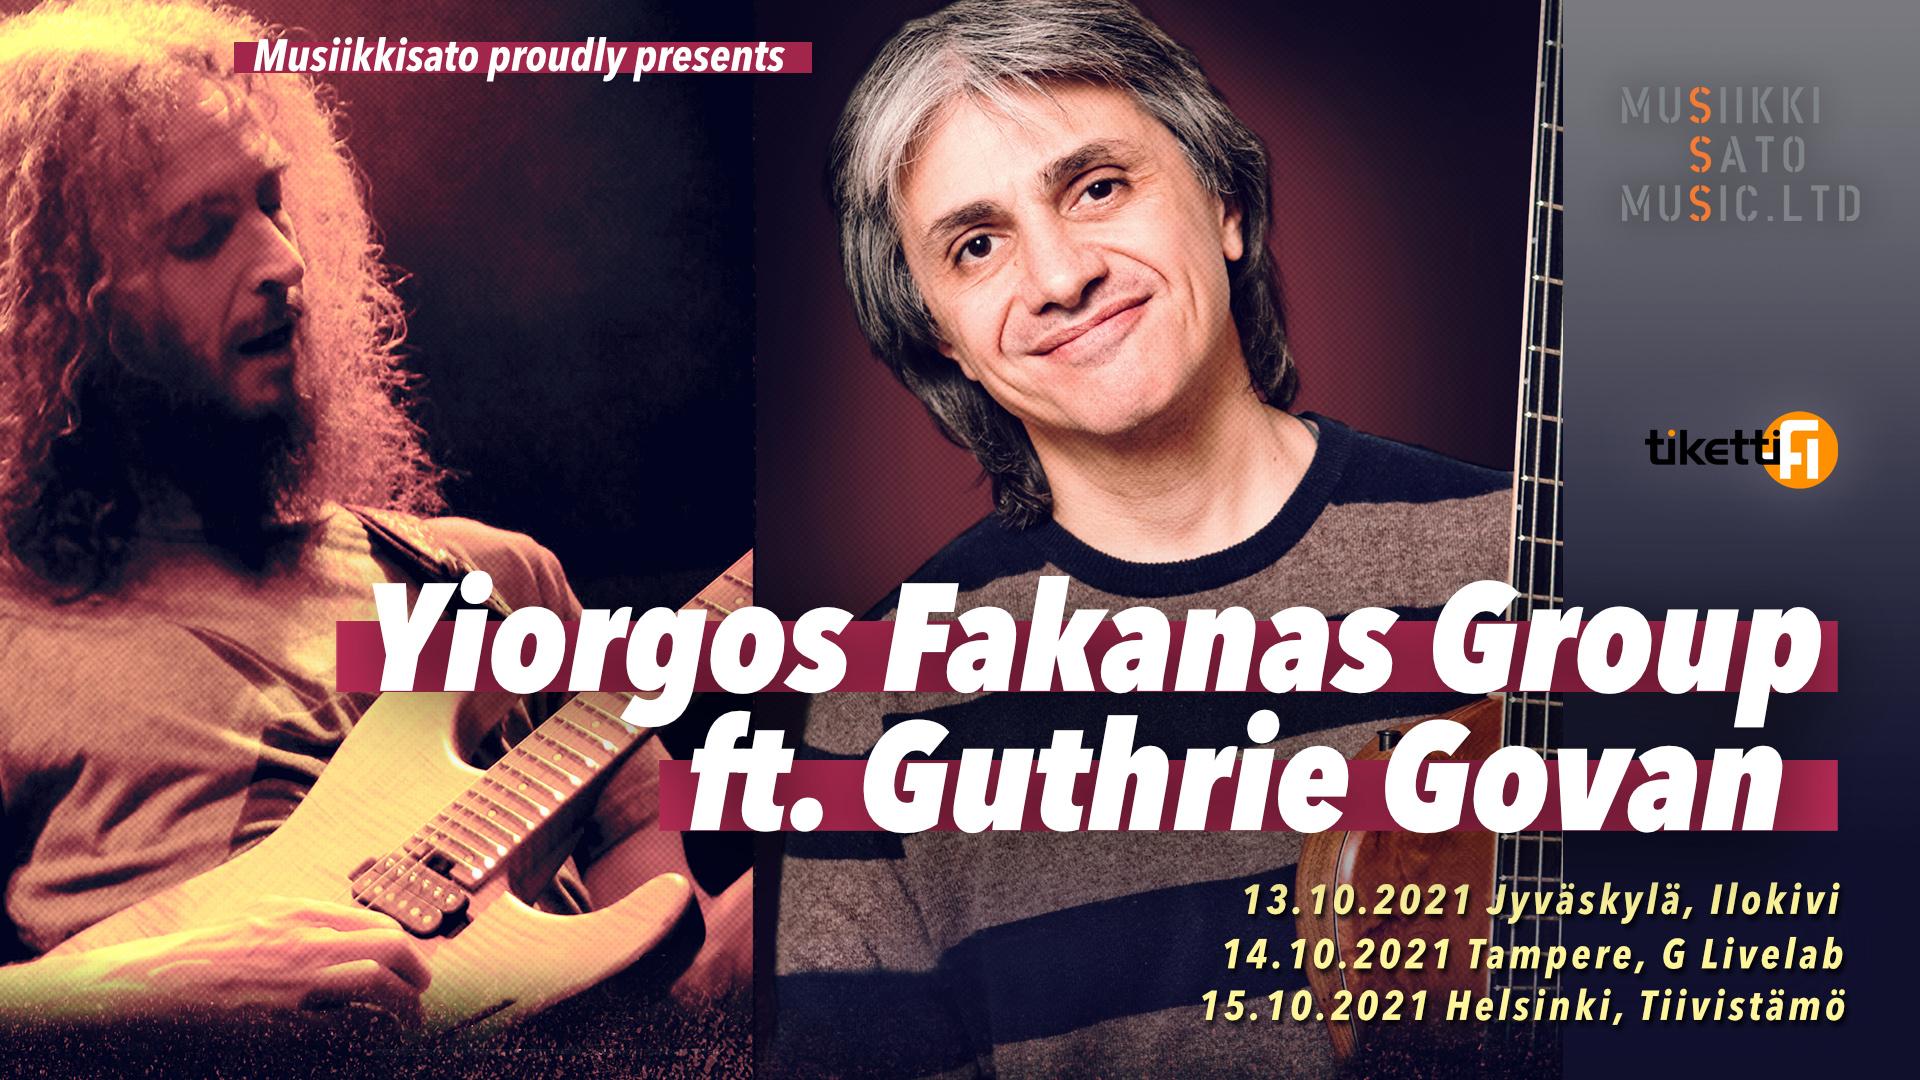 Kuvassa Yiorgos Fakanas ja Guthrie Govan poseeraavat